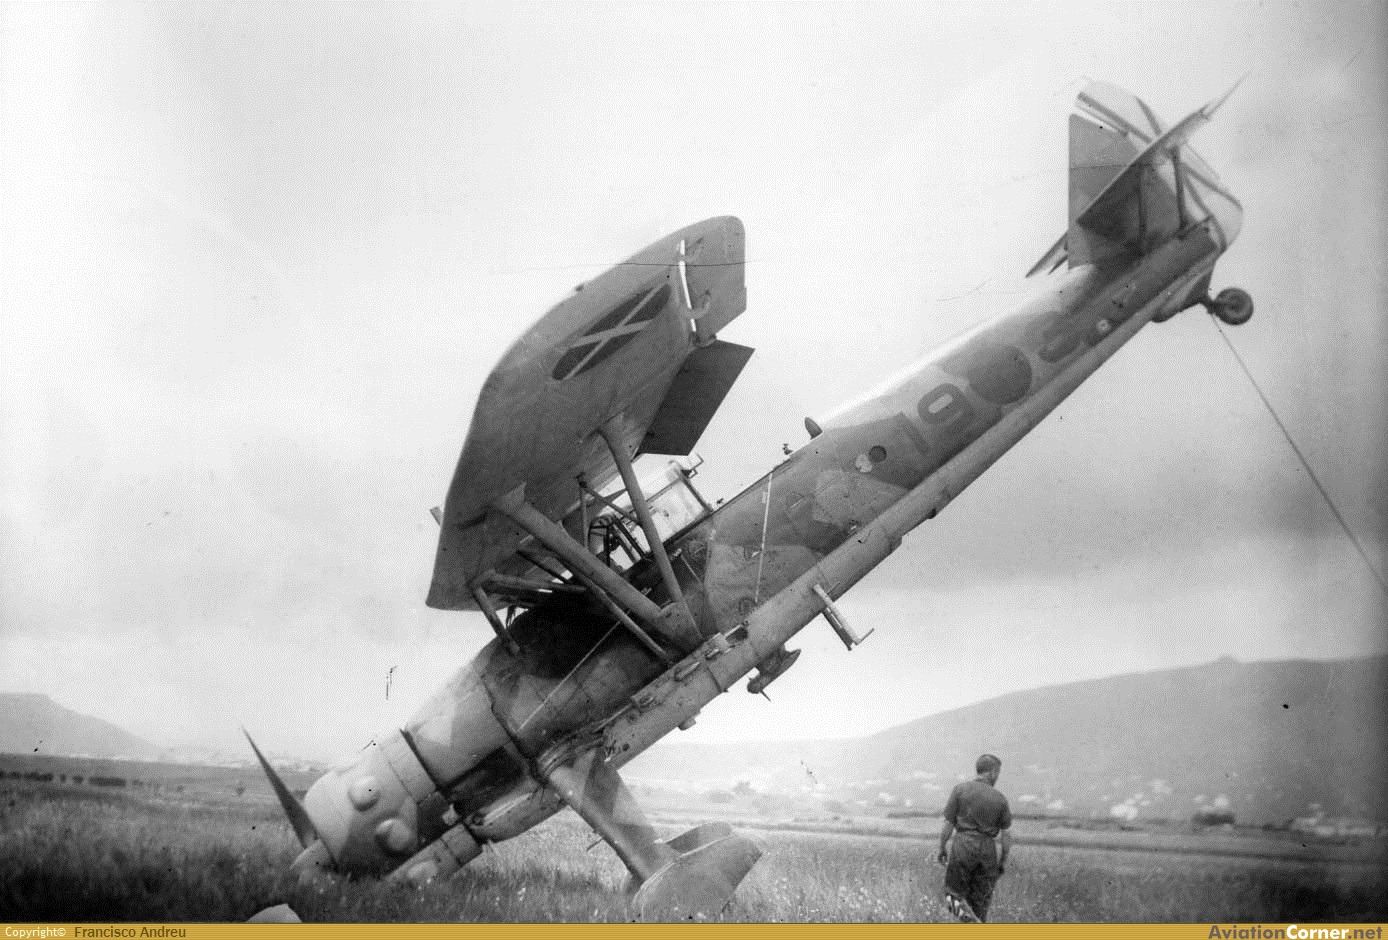 la légion condor et aviation italienne LC+HS-126+A-1+19-3+1938+COL+ANGEL+MARTINEZ+PLAZA+VIA+FCO+ANDREU